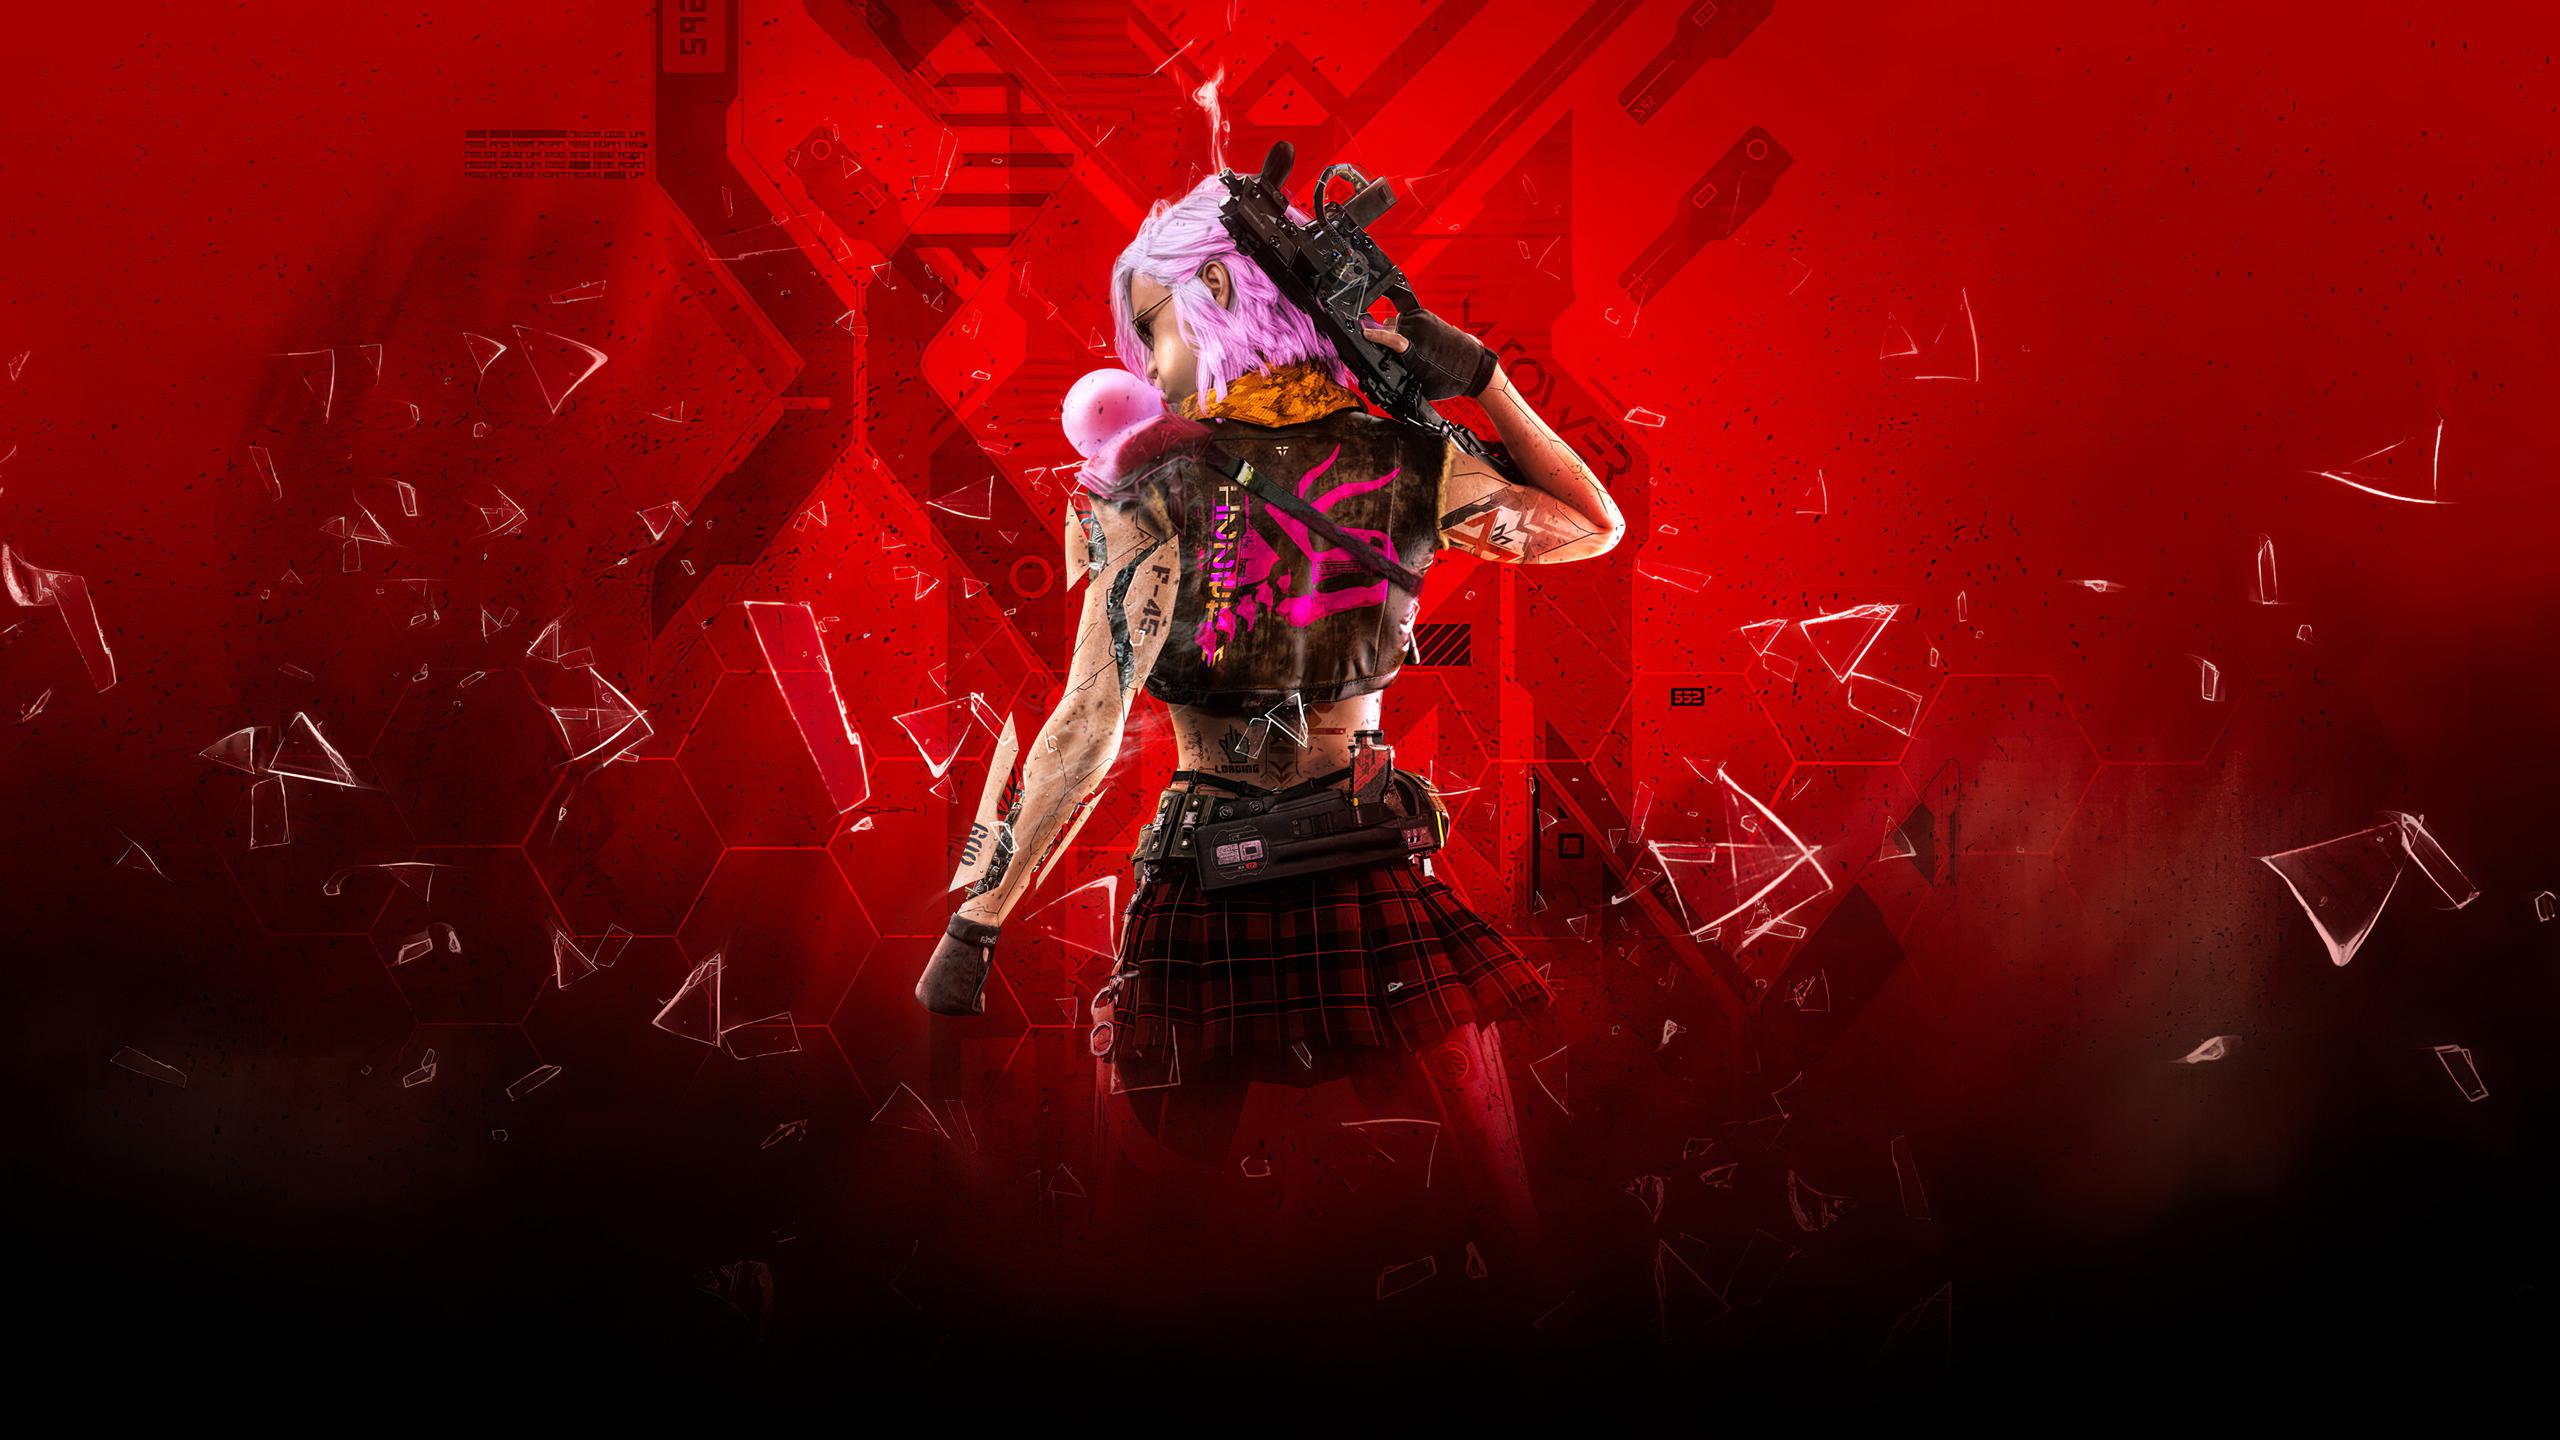 cyberpunk-girl-4k-2020-n3.jpg